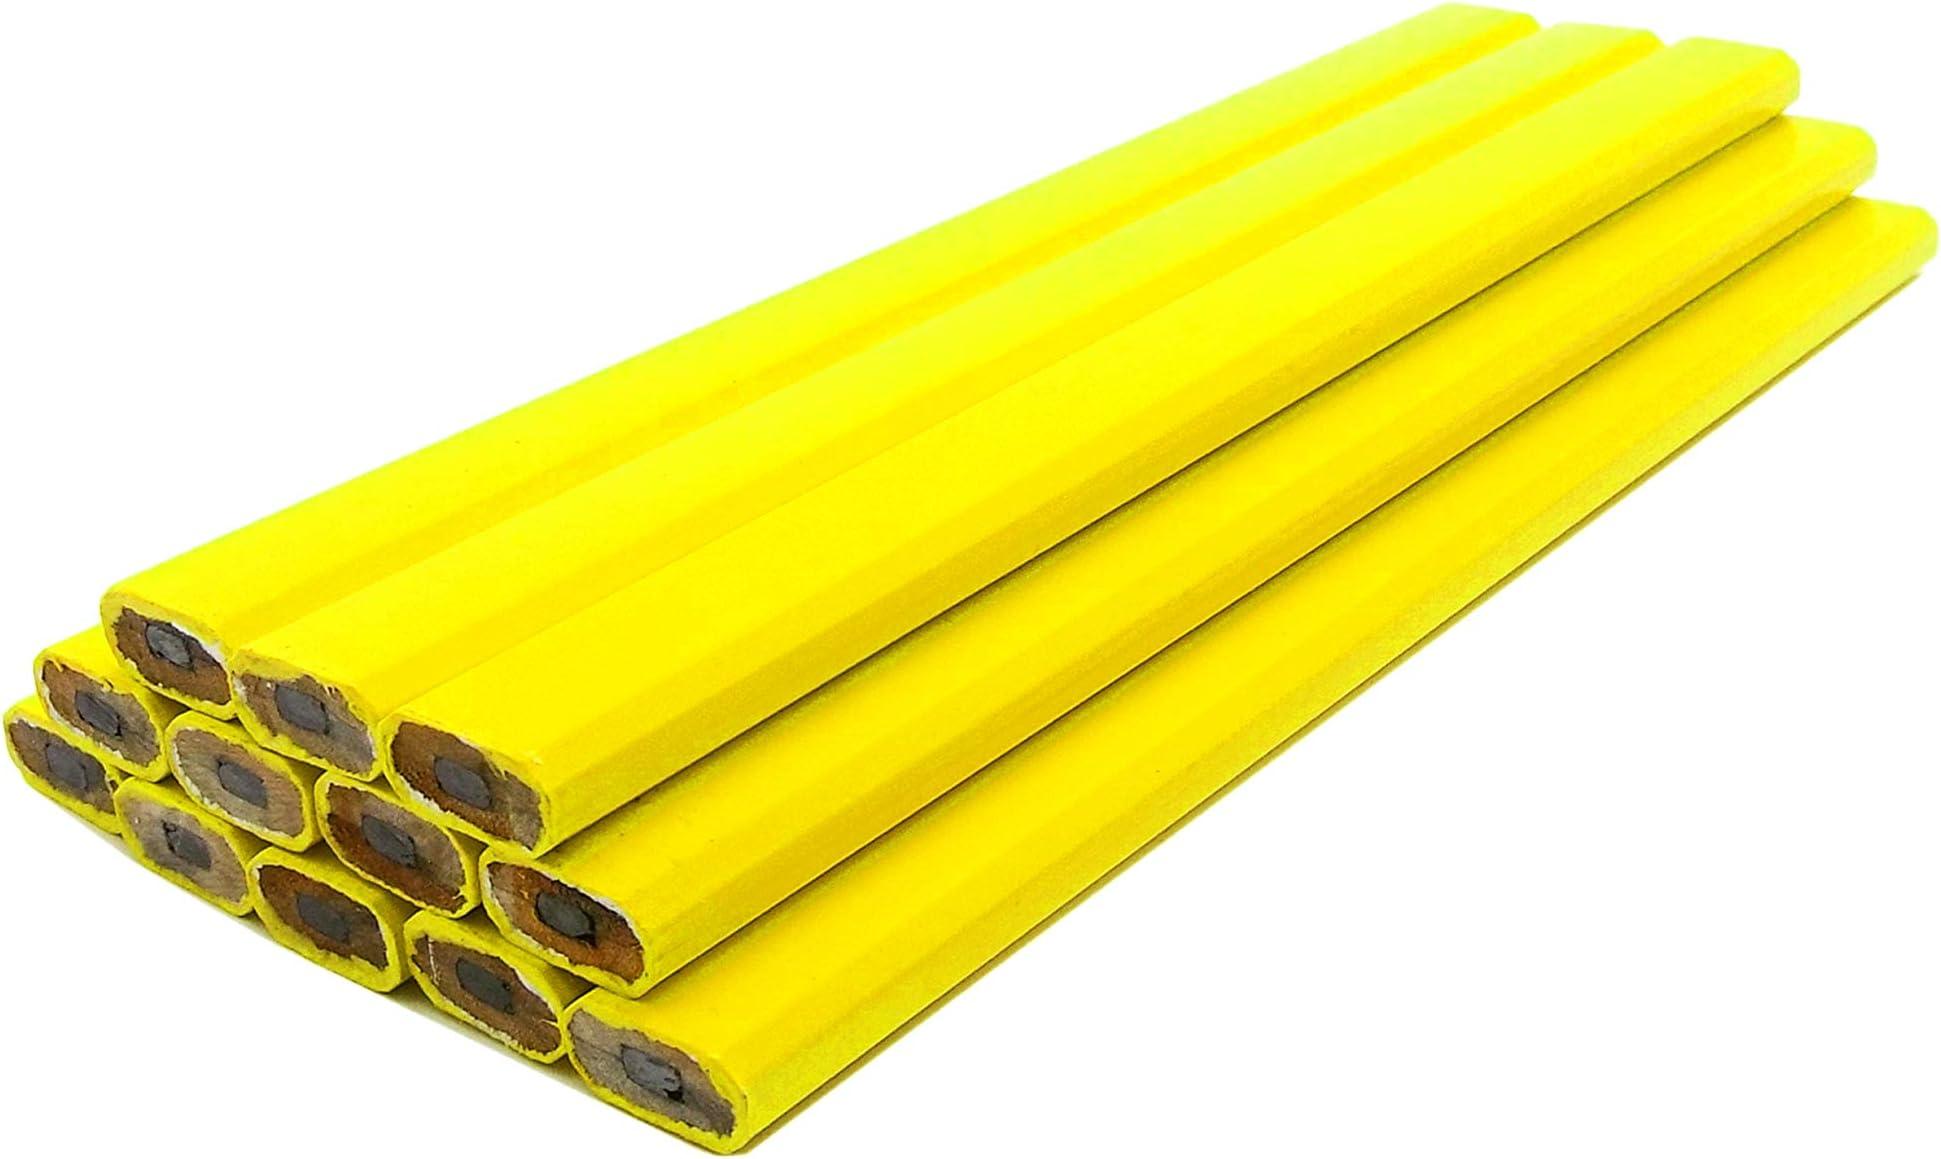 Impex Carpenter Pencils - 72pc Half Gross Set (Wholesale Bulk Lot of 72pcs) - Neon Yellow